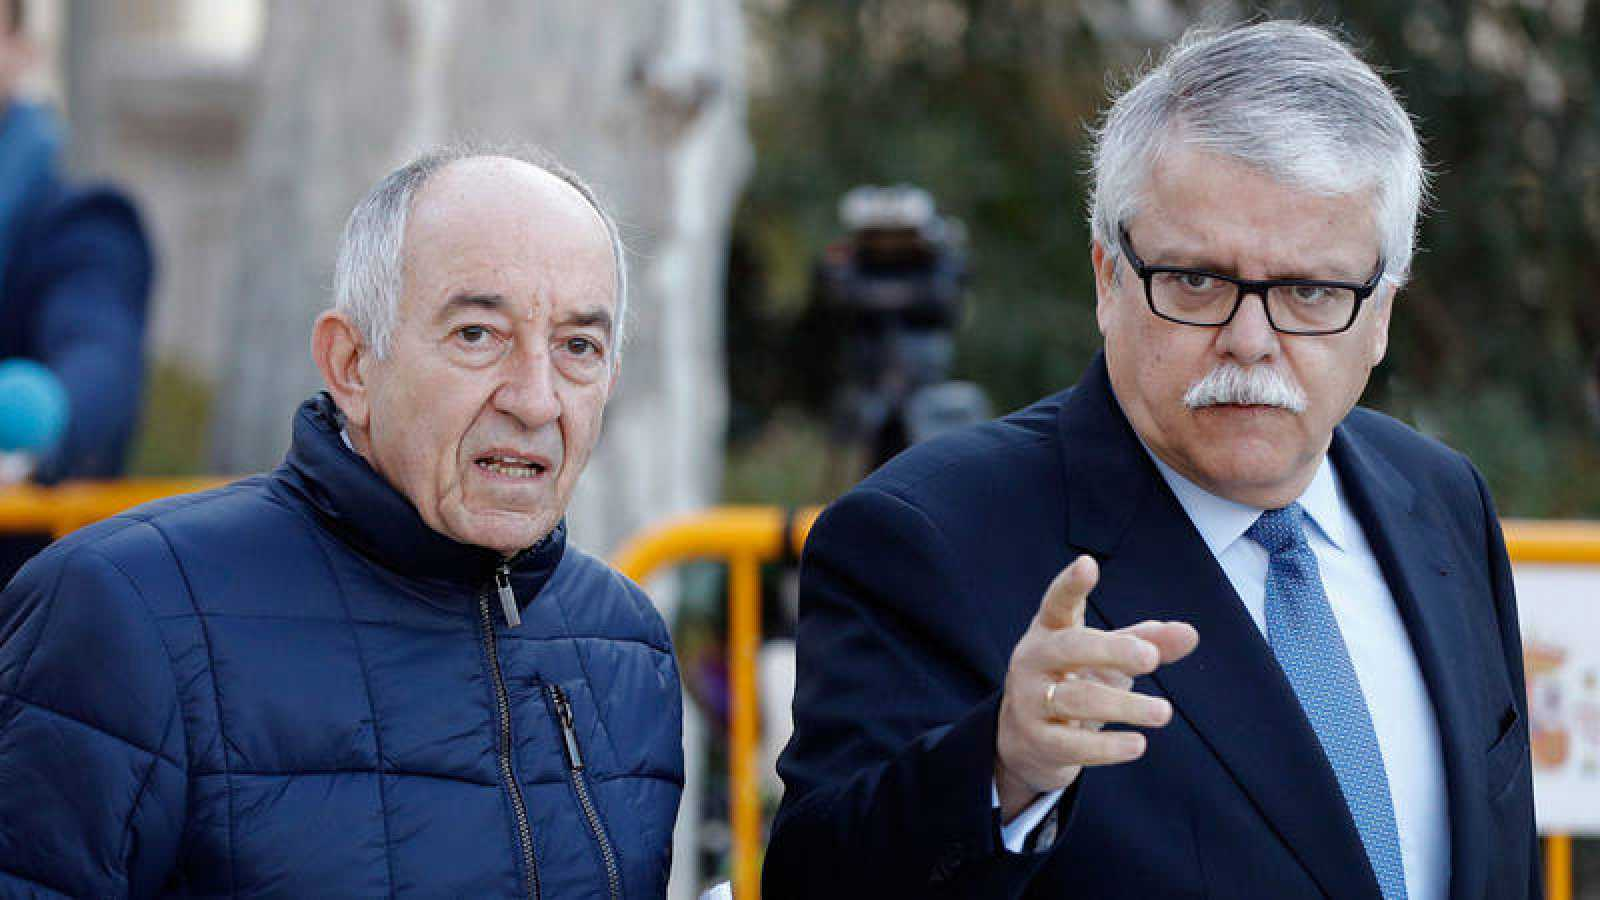 El exgobernador del Banco de España Miguel Ángel Fernández Ordóñez, a la izquierda, a su llegada a la Audiencia Nacional